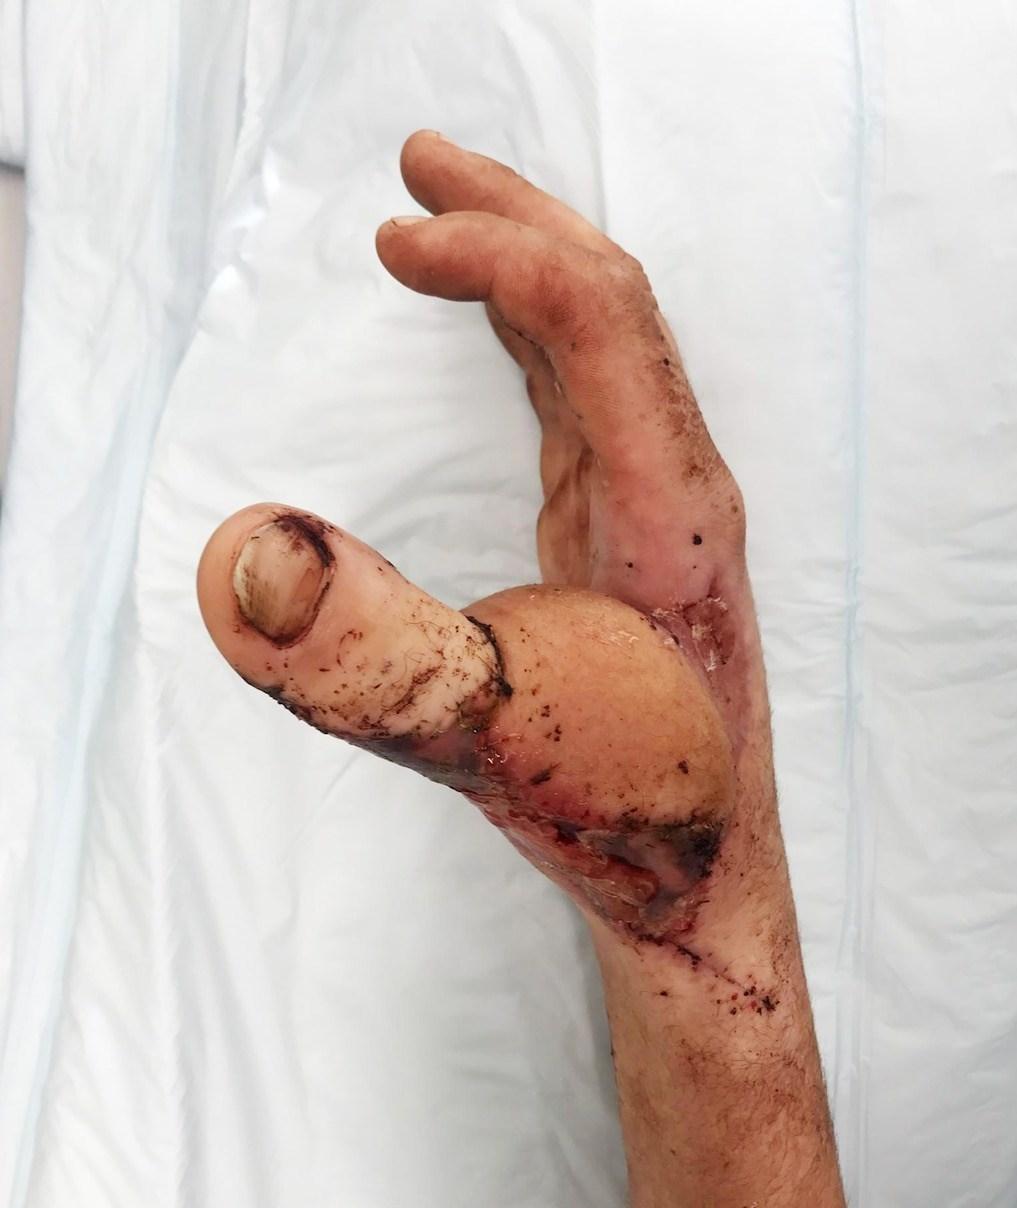 عمل جراحی عجیب پسر جوان!+عکس